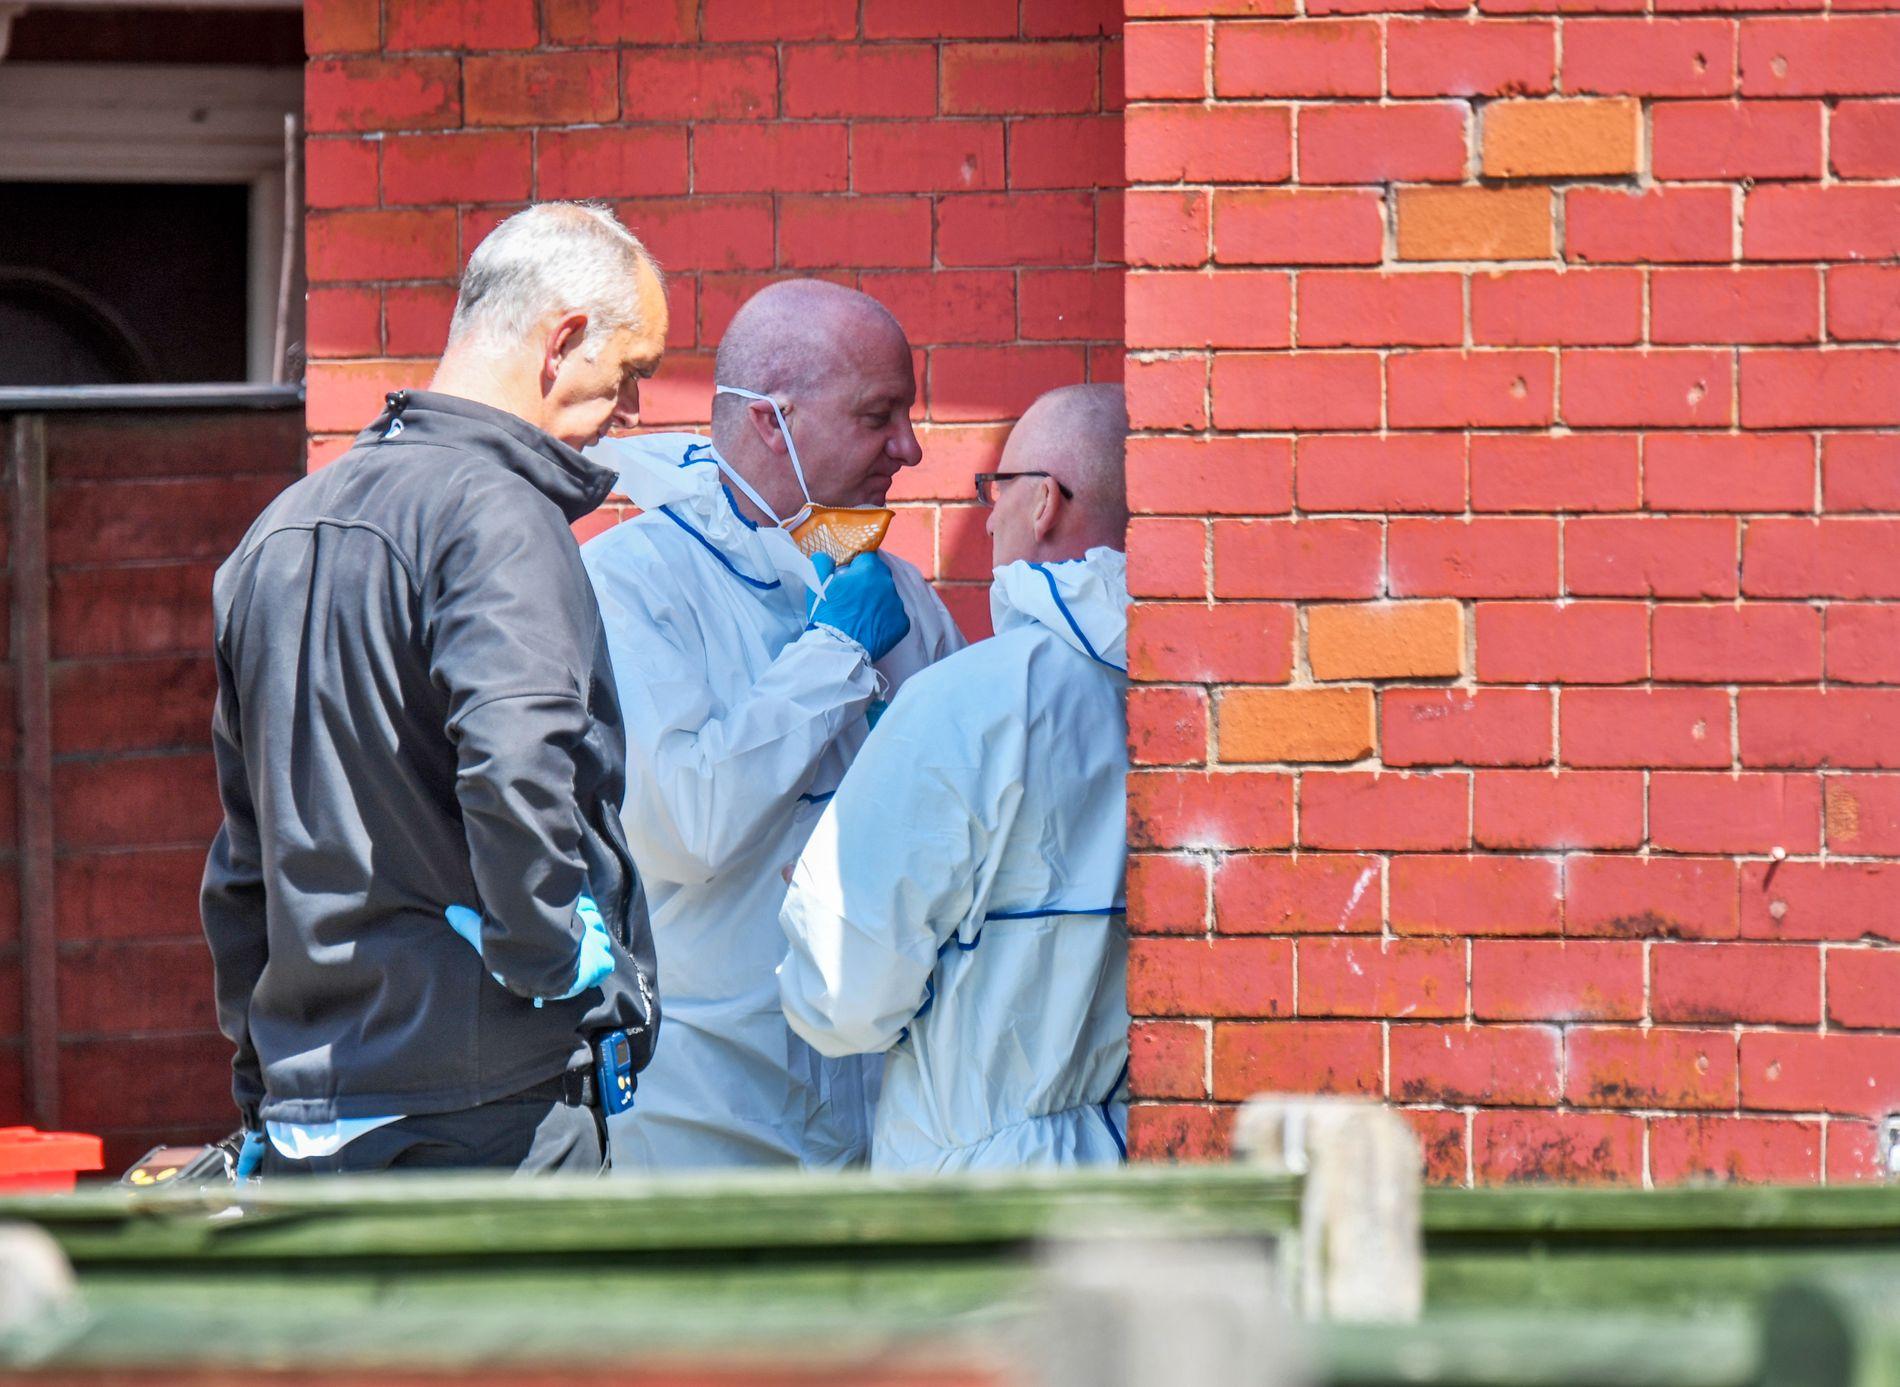 POLITIAKSJON: Politiet aksjonerer i Chorlton i Manchester etter nattens terrorangrep.